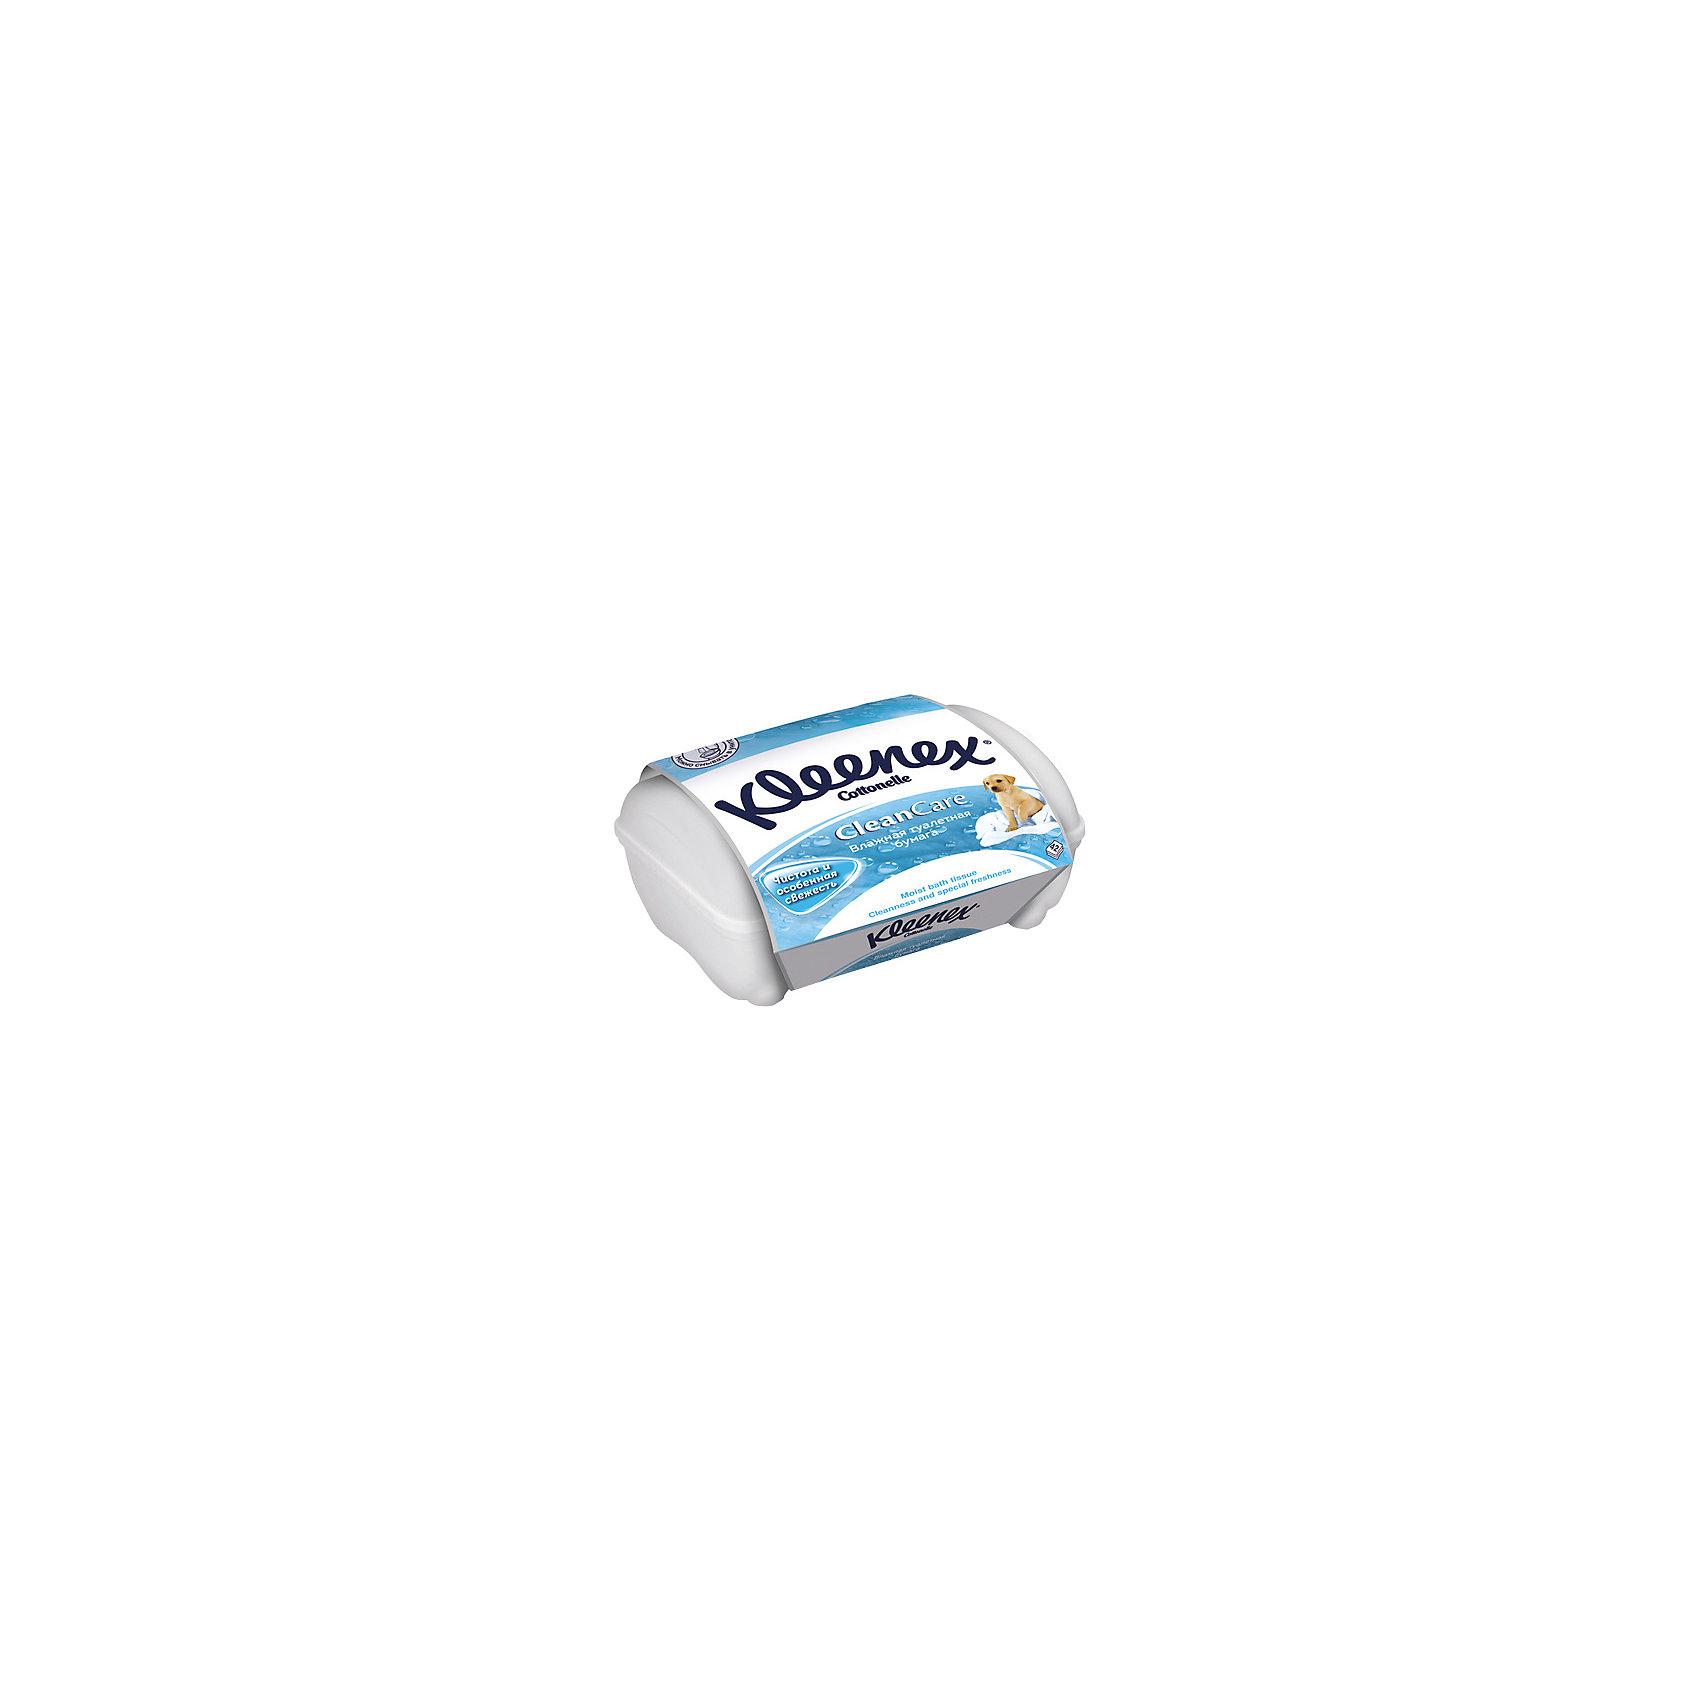 Kleenex Влажная туалетная бумага в Контейнере 42 шт., Kleenex туалетная бумага с анекдотами